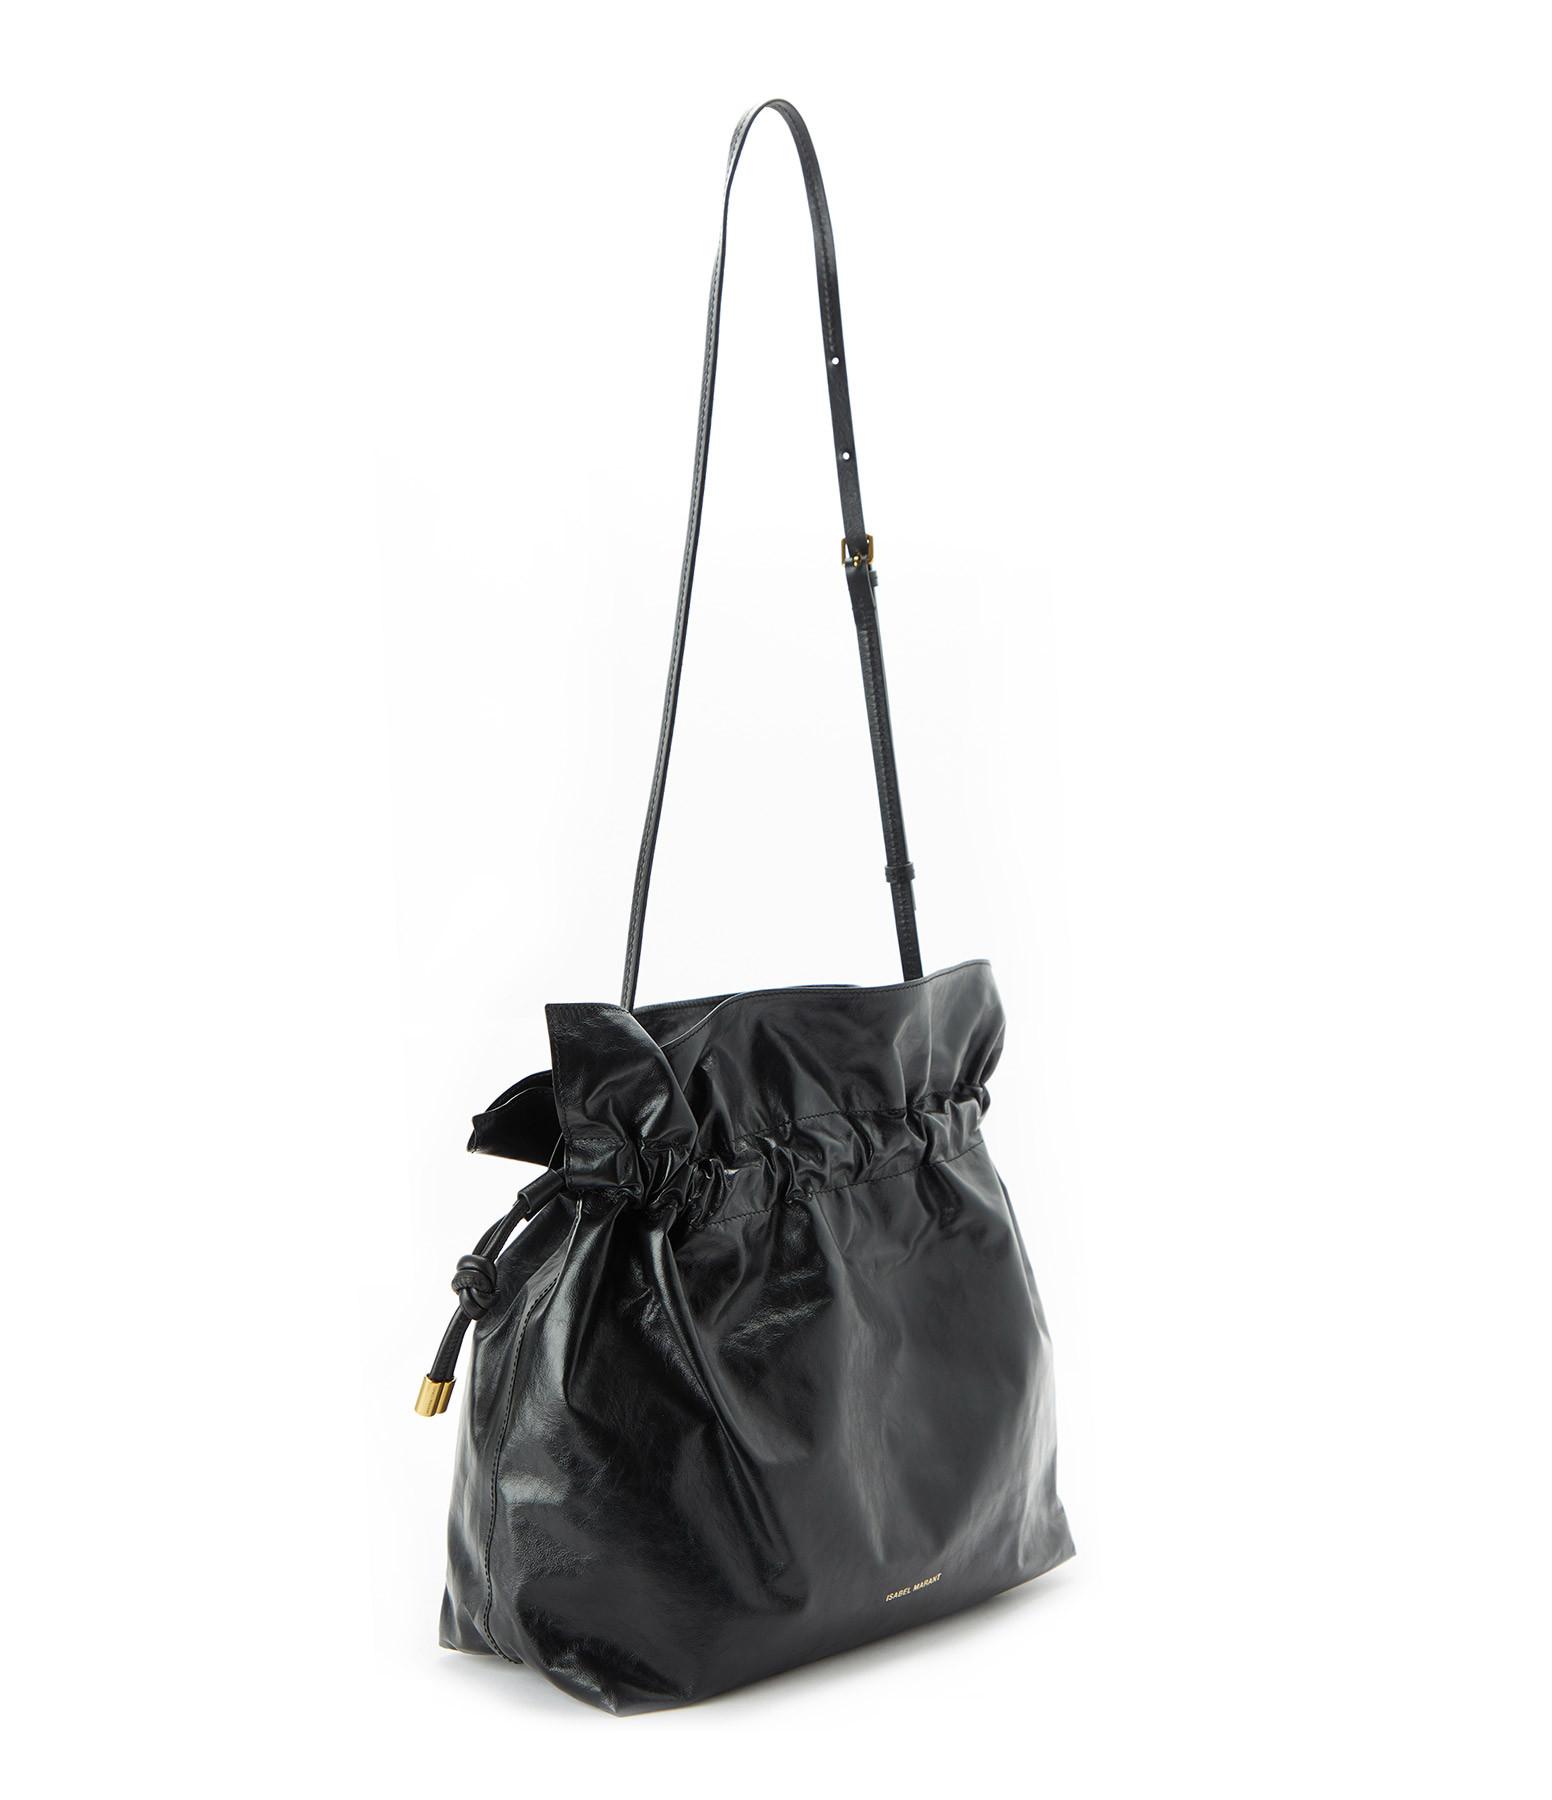 ISABEL MARANT - Bandoulière Ailey Noir